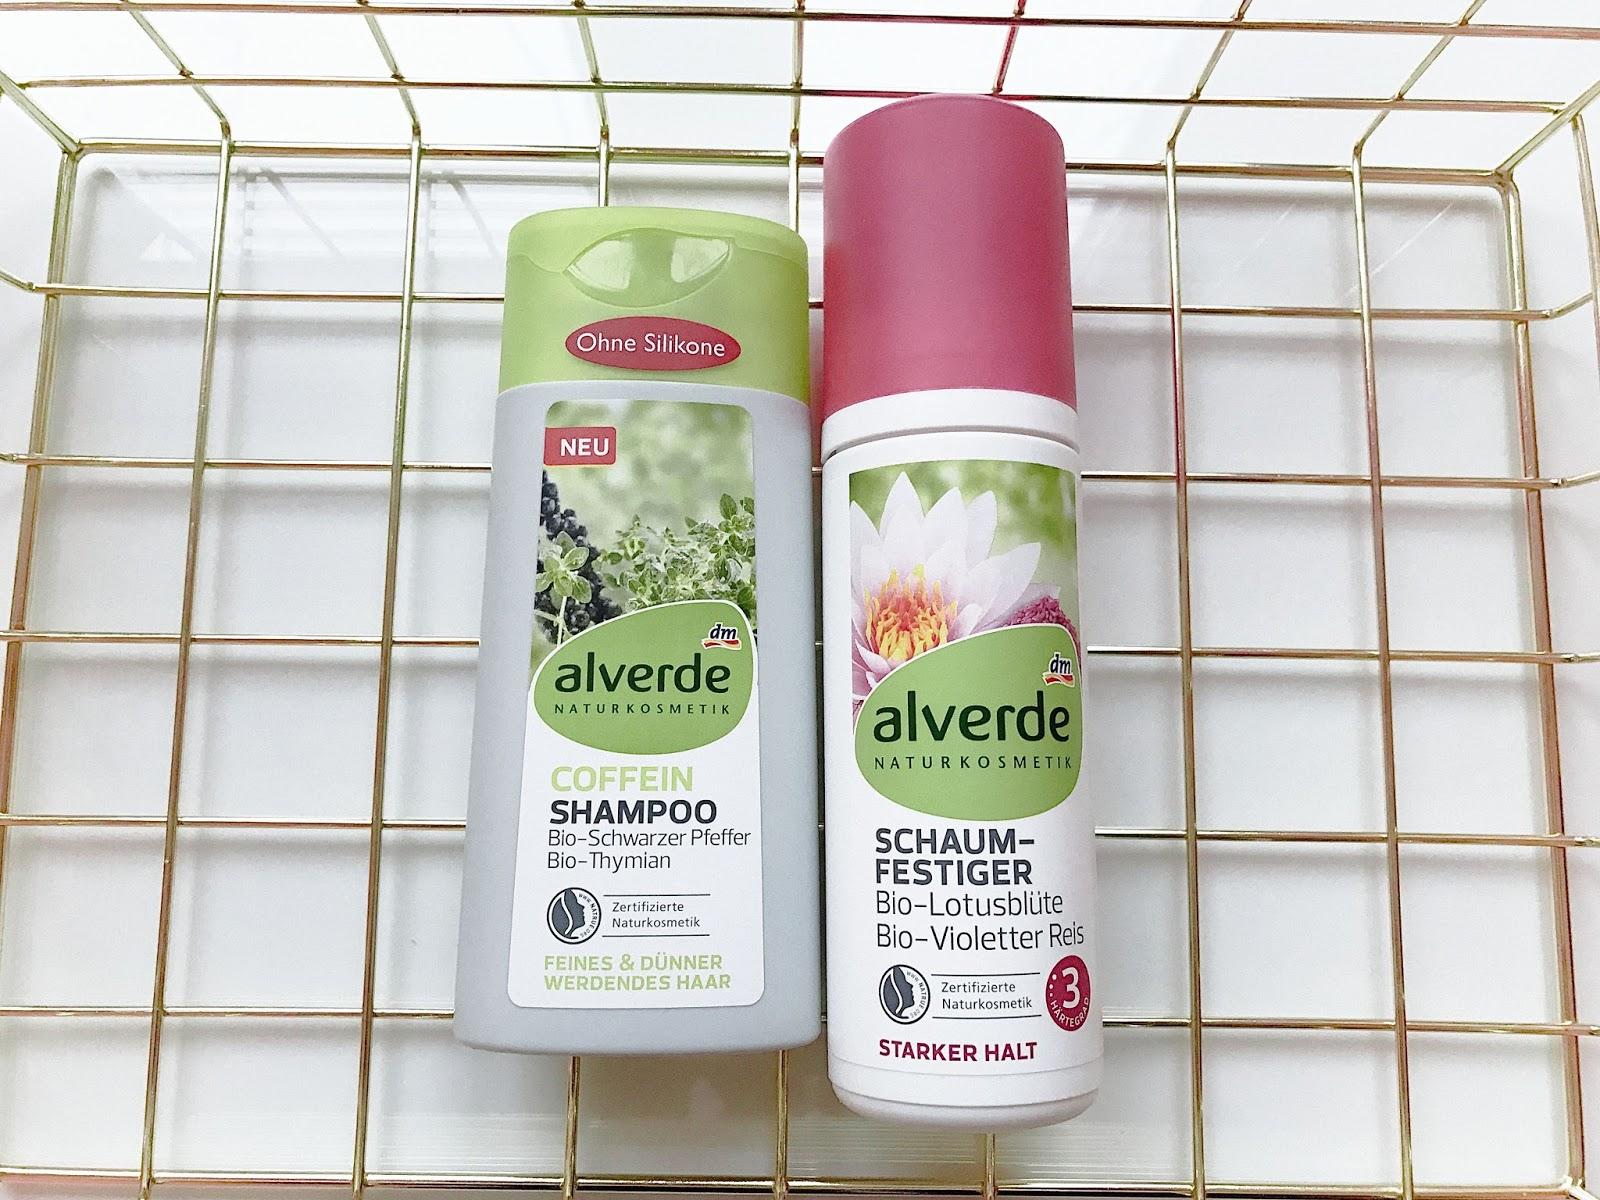 kosmetyki alverde, Alverde Coffein-Shampoo Grüner Kaffee, Alverde Schaumfestiger Starker Halt, Kofeinowy szampon Alverde, pianka do włosów Alverde, co kupić w DM, drogeria DM, kosmetyki z DM,